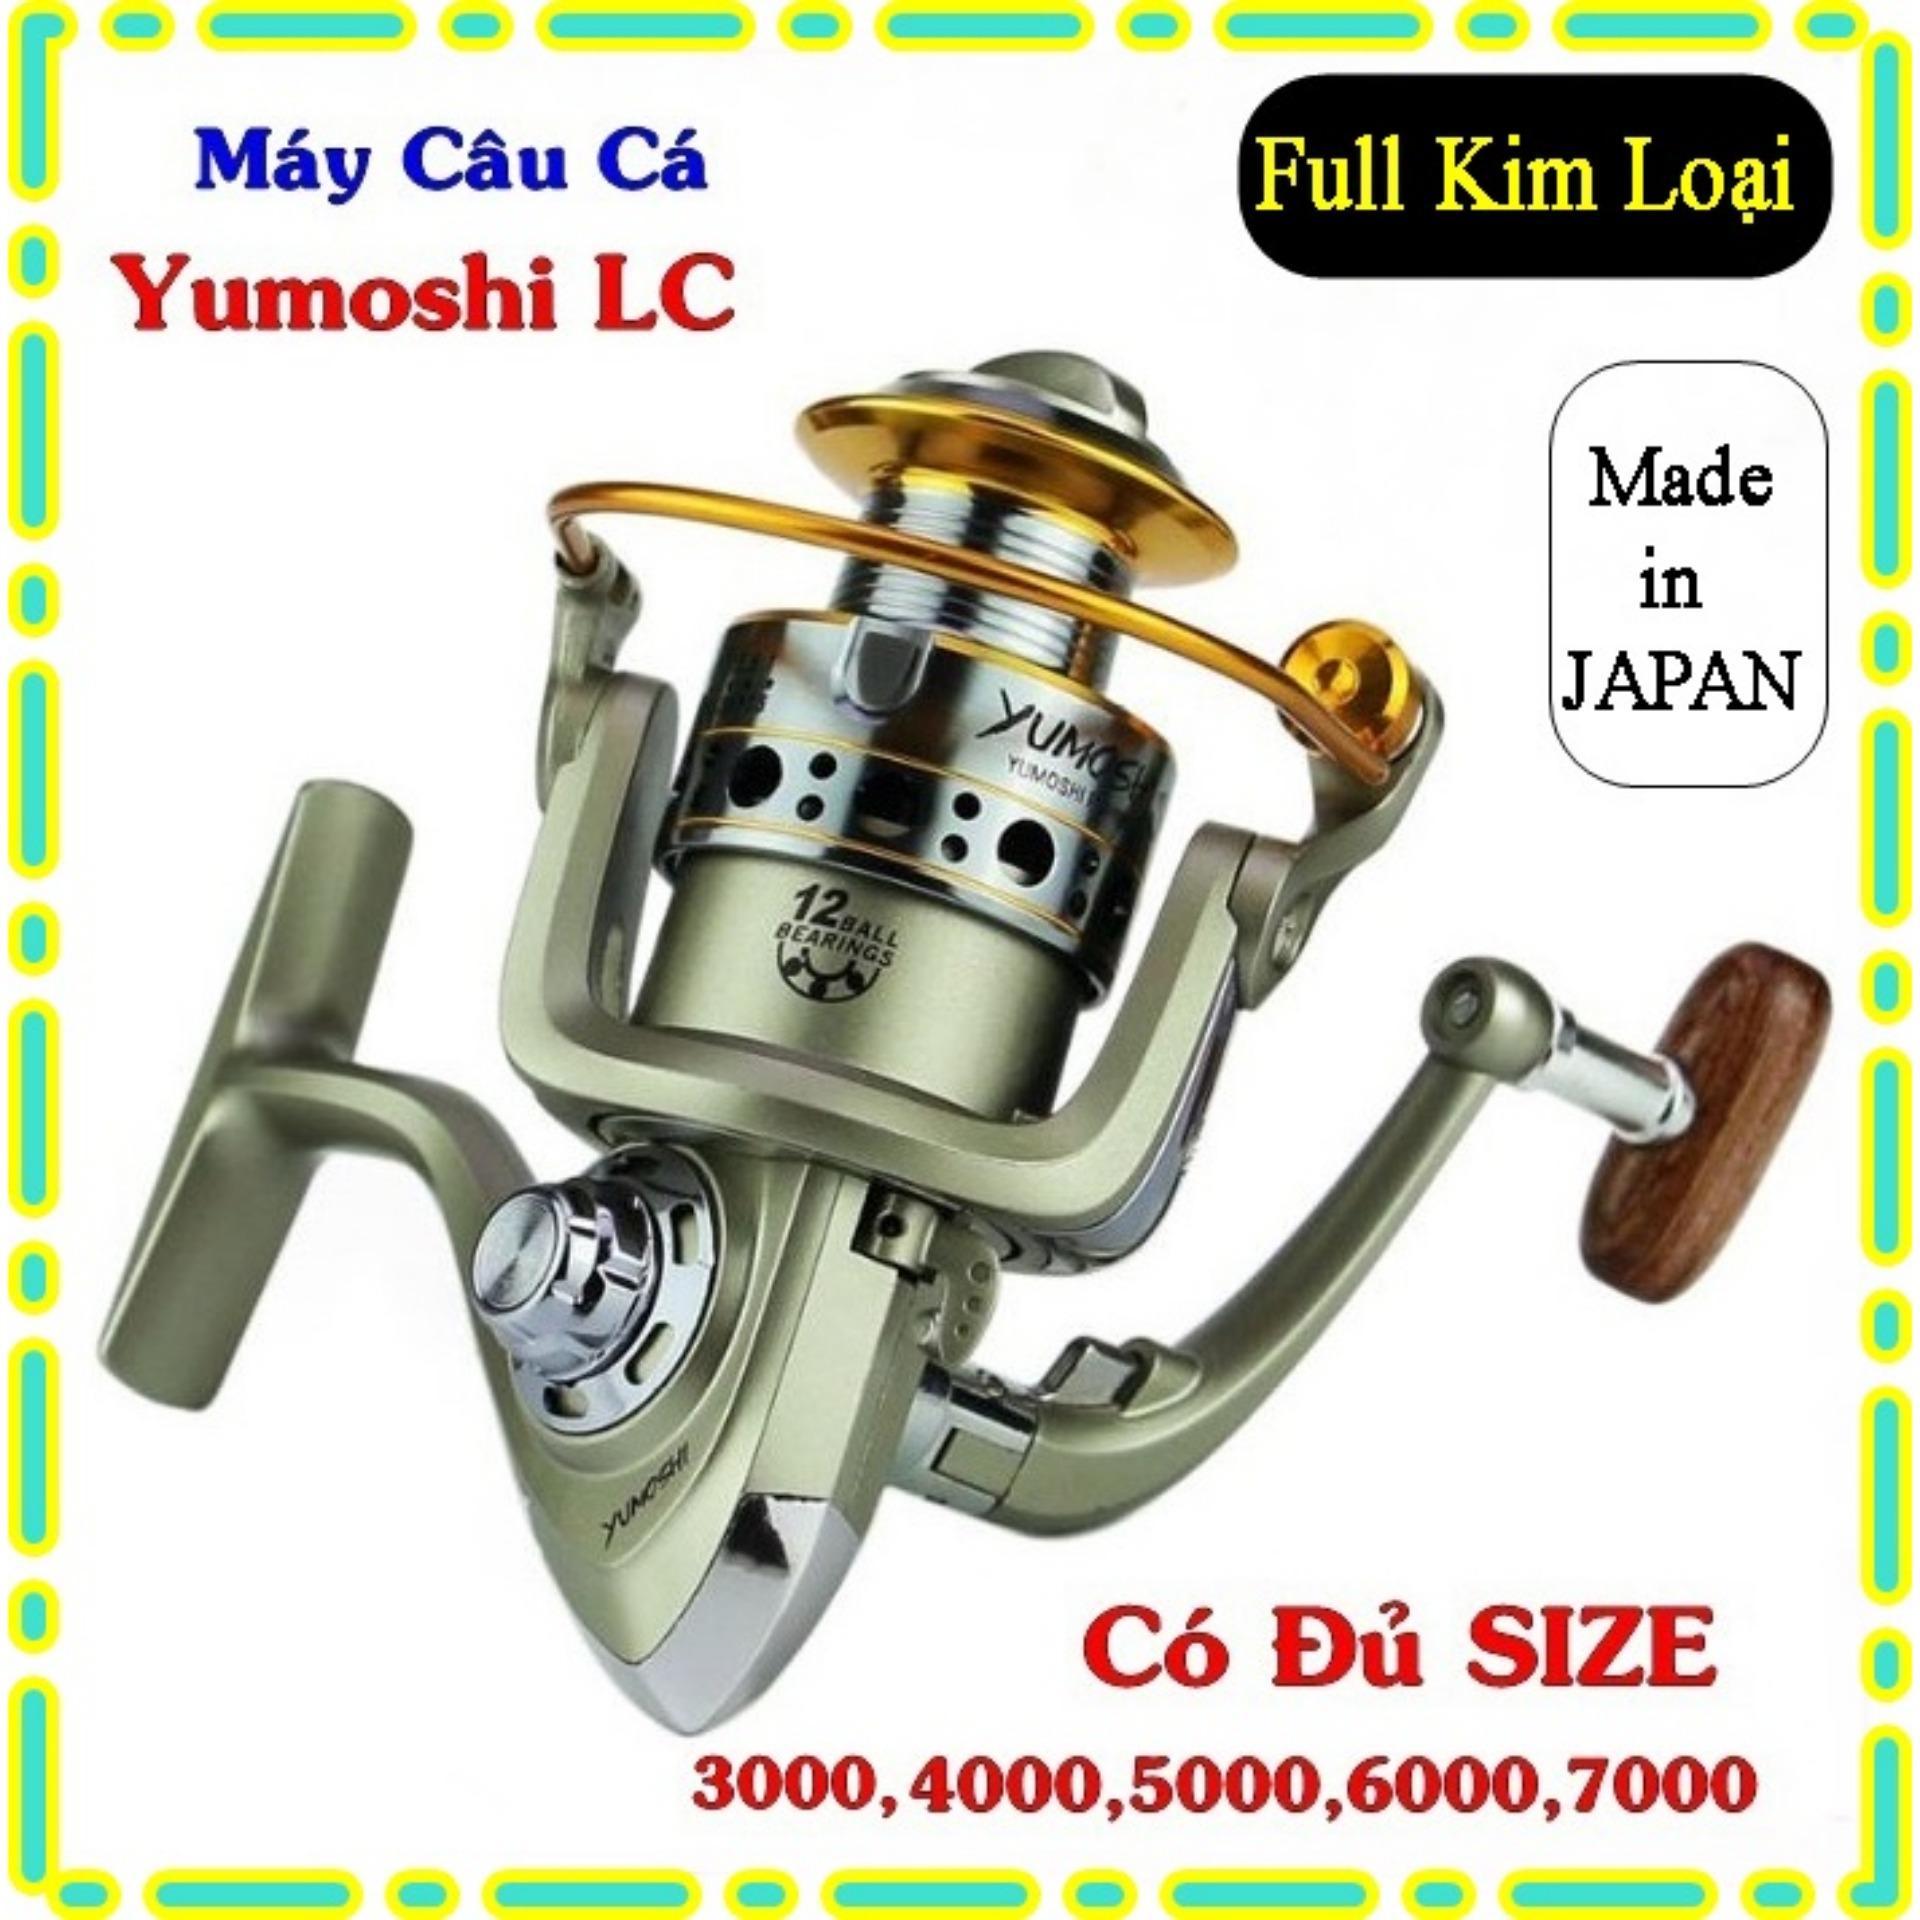 Máy câu cá Yumoshi LC Nhật Bản 12 bạc đạn lọai XỊN có đủ SIZE LC3000, LC4000, LC5000, LC6000, LC7000